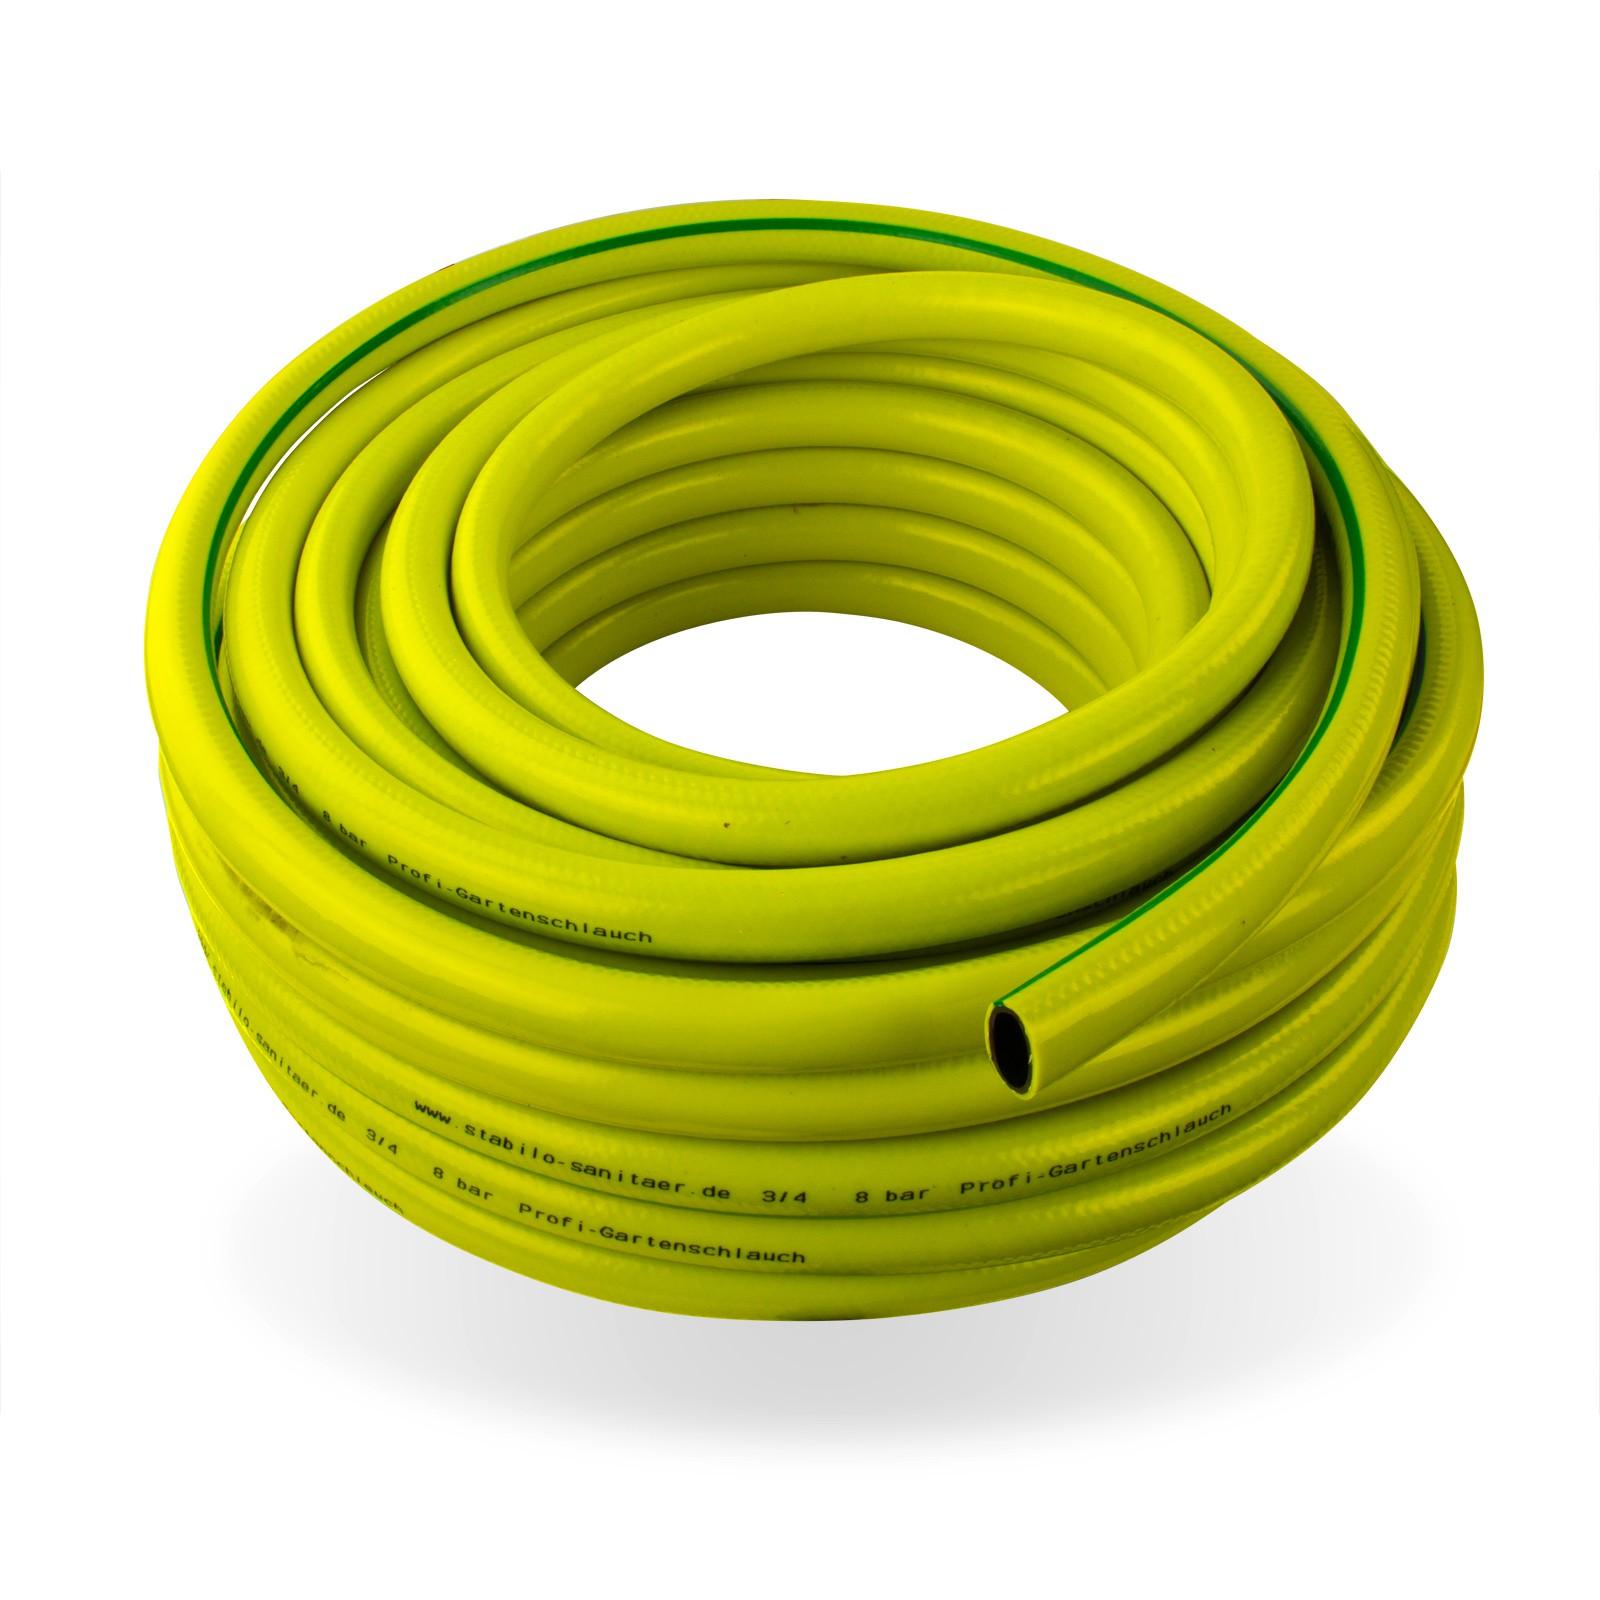 Stabilo-Sanitaer Profi Gartenschlauch / Wasserschlauch 1 Zoll / 25 m gelb